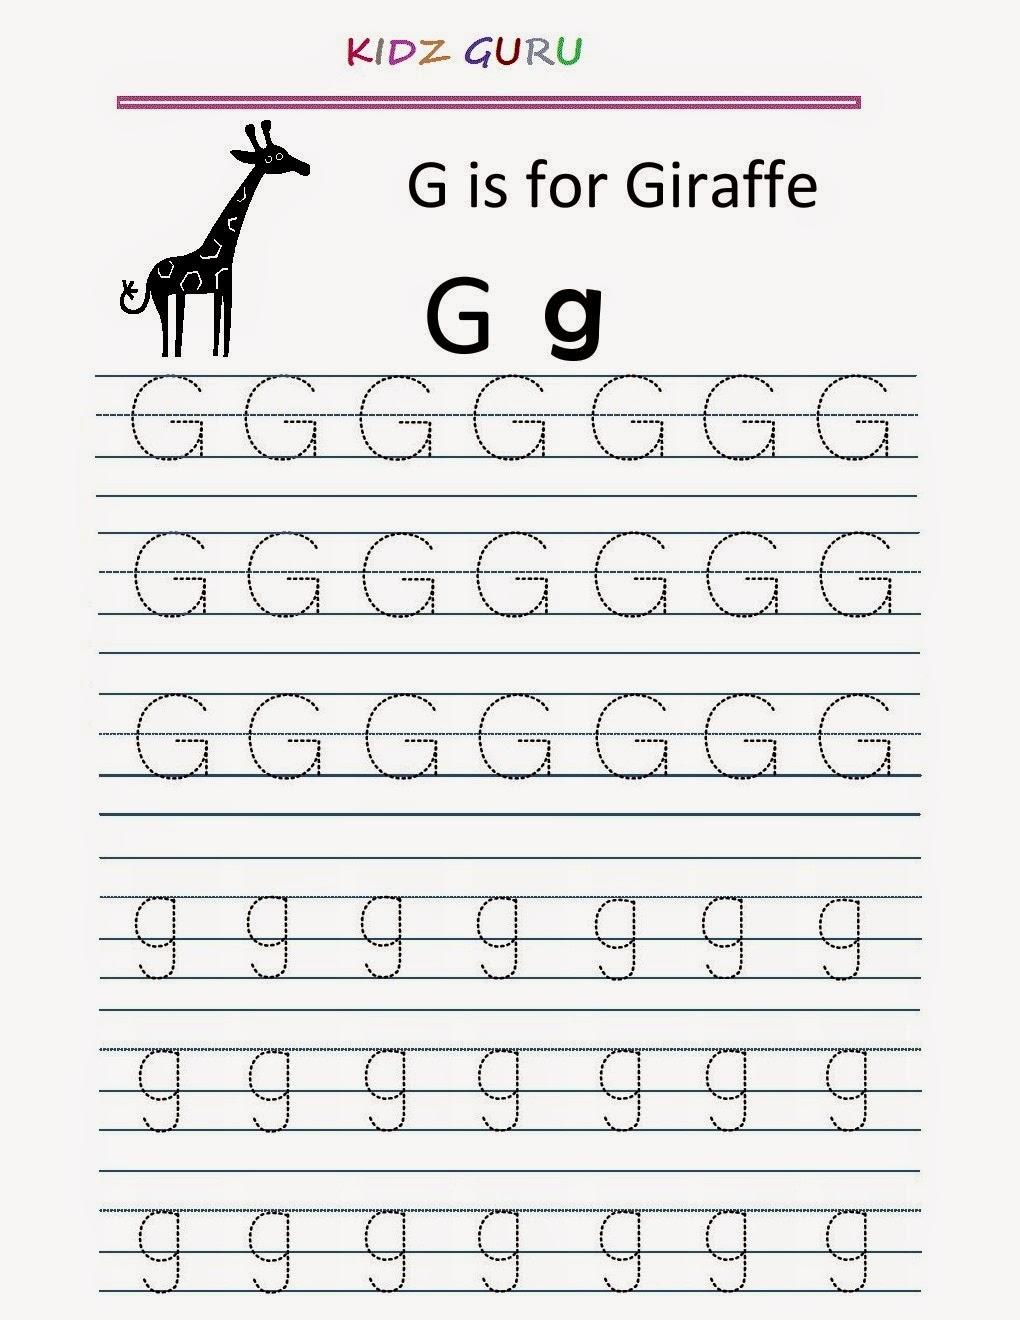 worksheet. Letter G Worksheets For Kindergarten. Worksheet ...